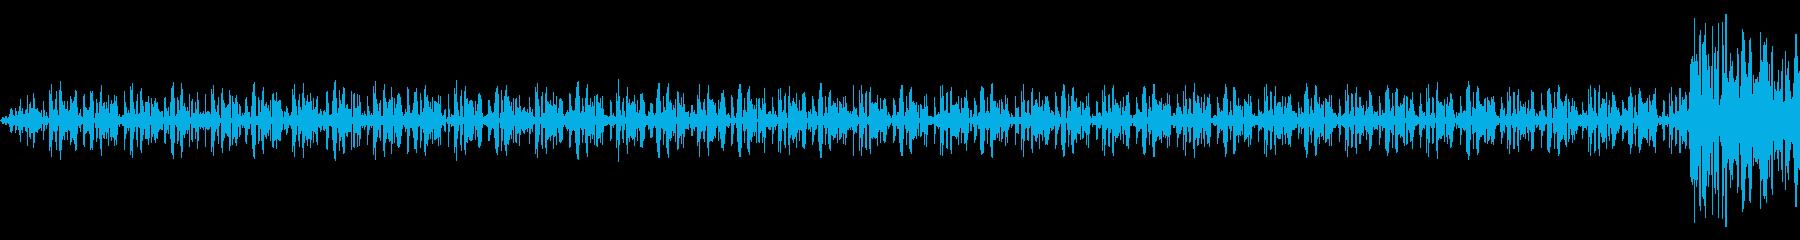 ラジオザップの再生済みの波形